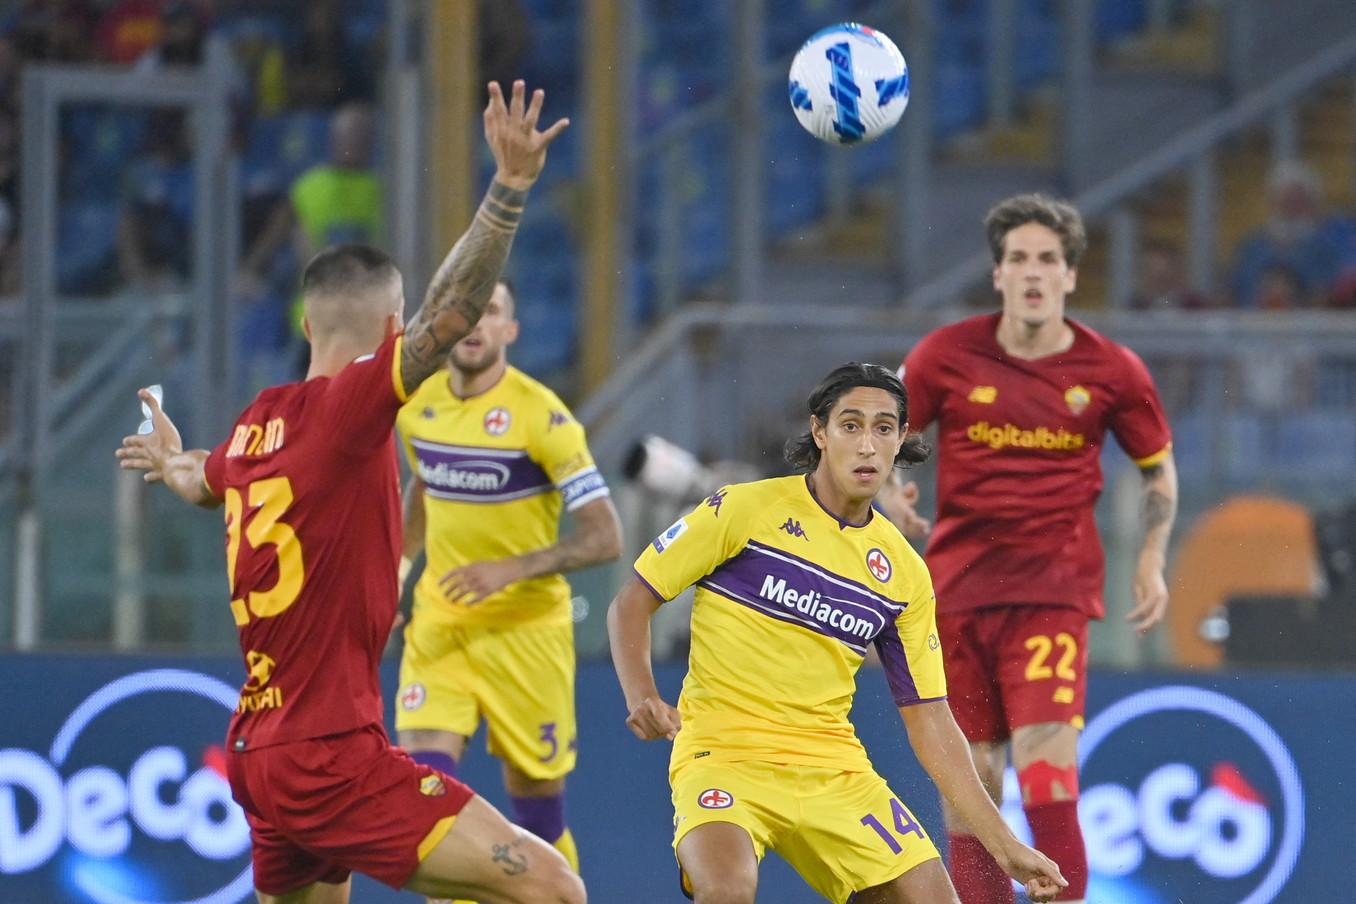 Roma-Fiorentina all&#39;Olimpico ha segnato il ritorno su una panchina di Serie A di Jos&eacute; Mourinho, pi&ugrave; di 11 anni dopo l&#39;ultima volta<br /><br />